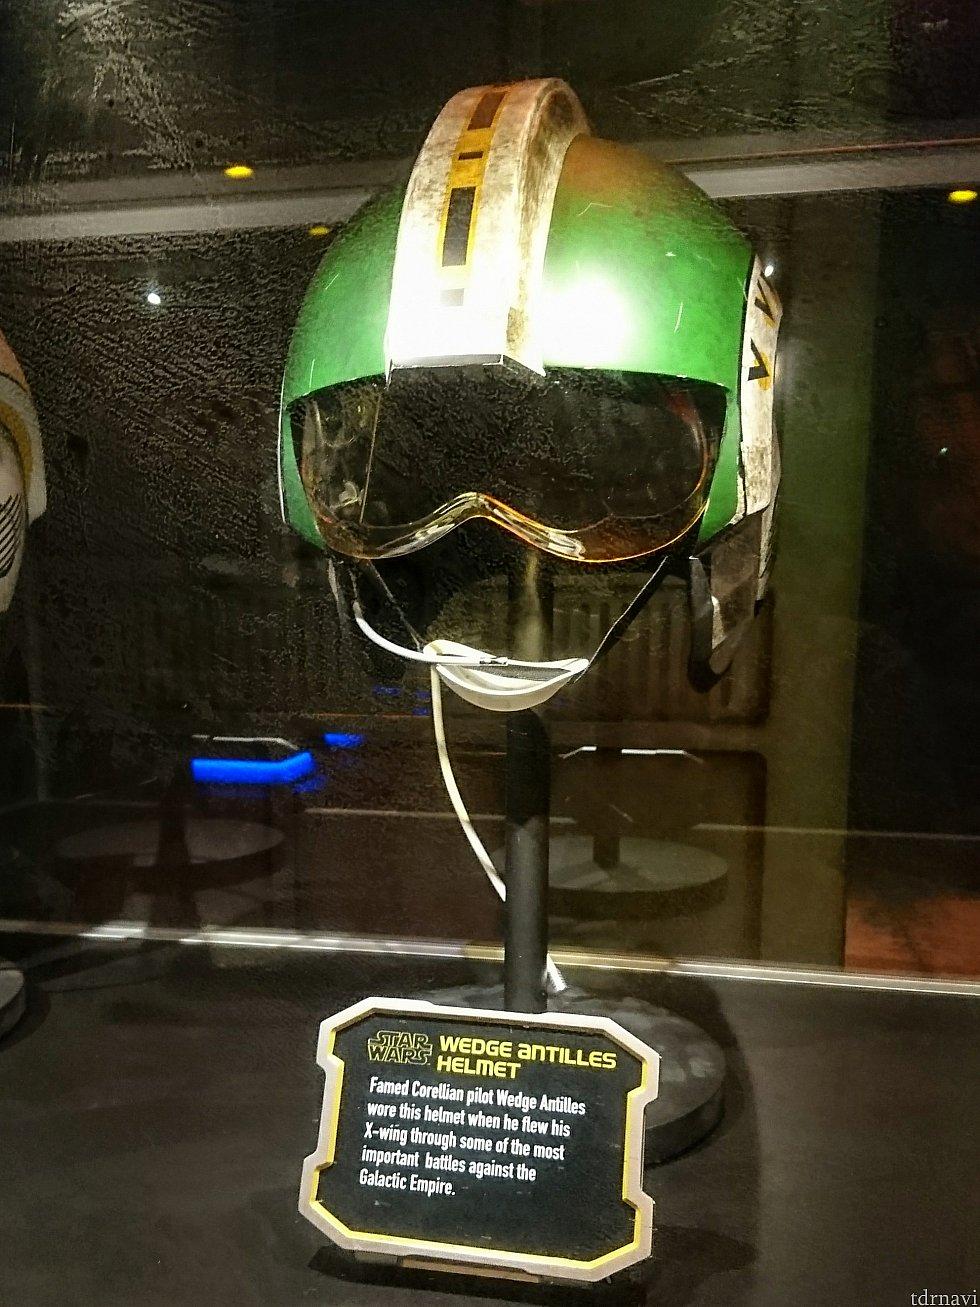 おおー!ウェッジ・アンティリーズのヘルメット!最強のパイロットと言われています。